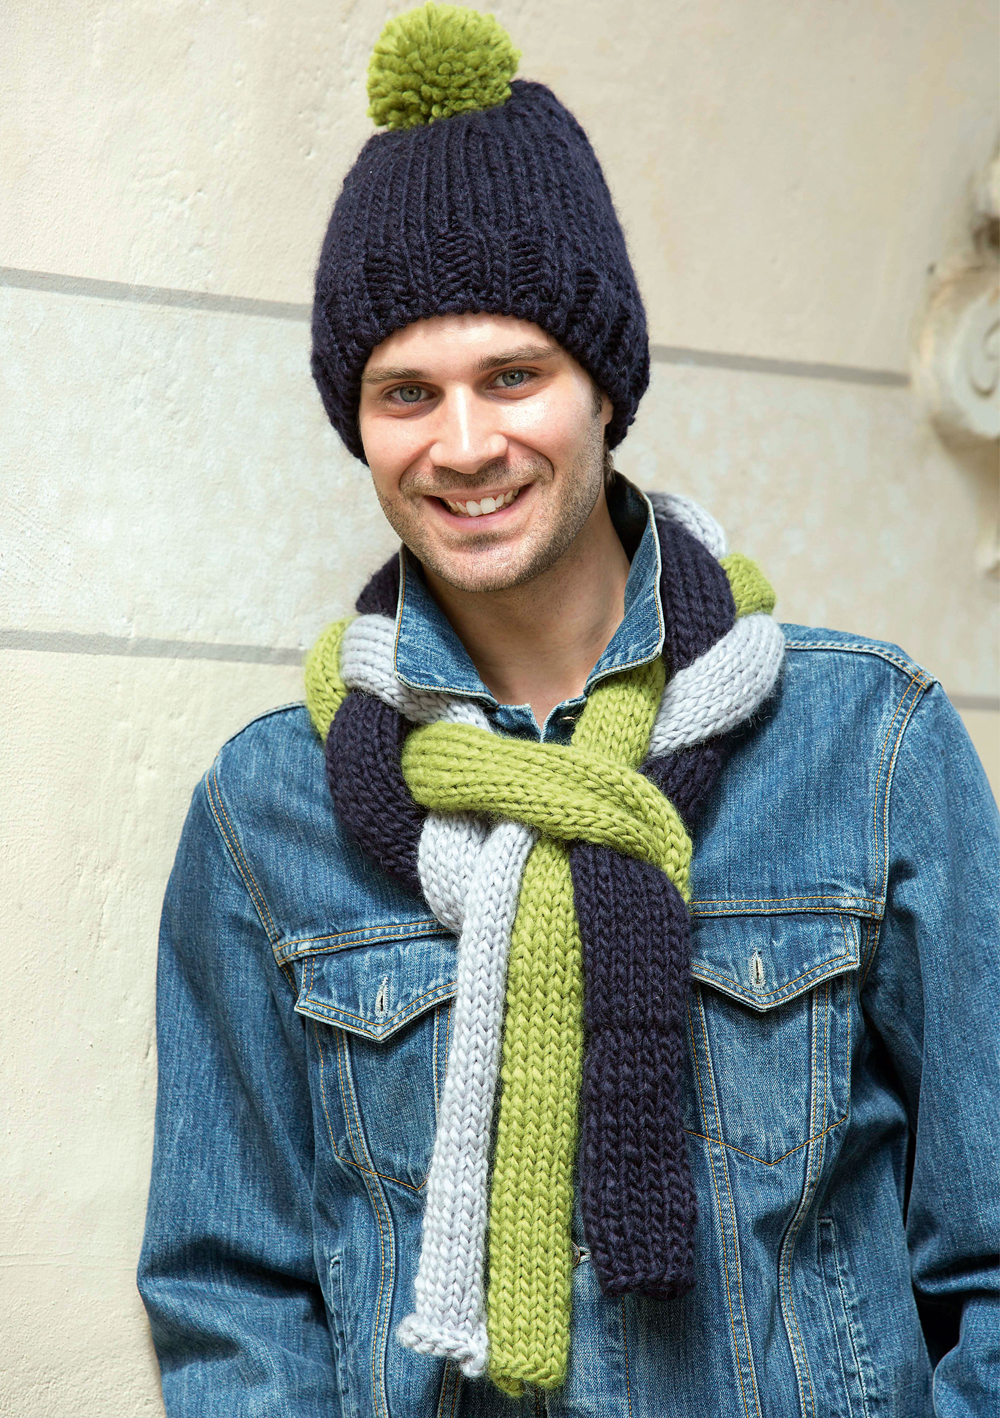 Комплект из шапки и шарфа для мужчины